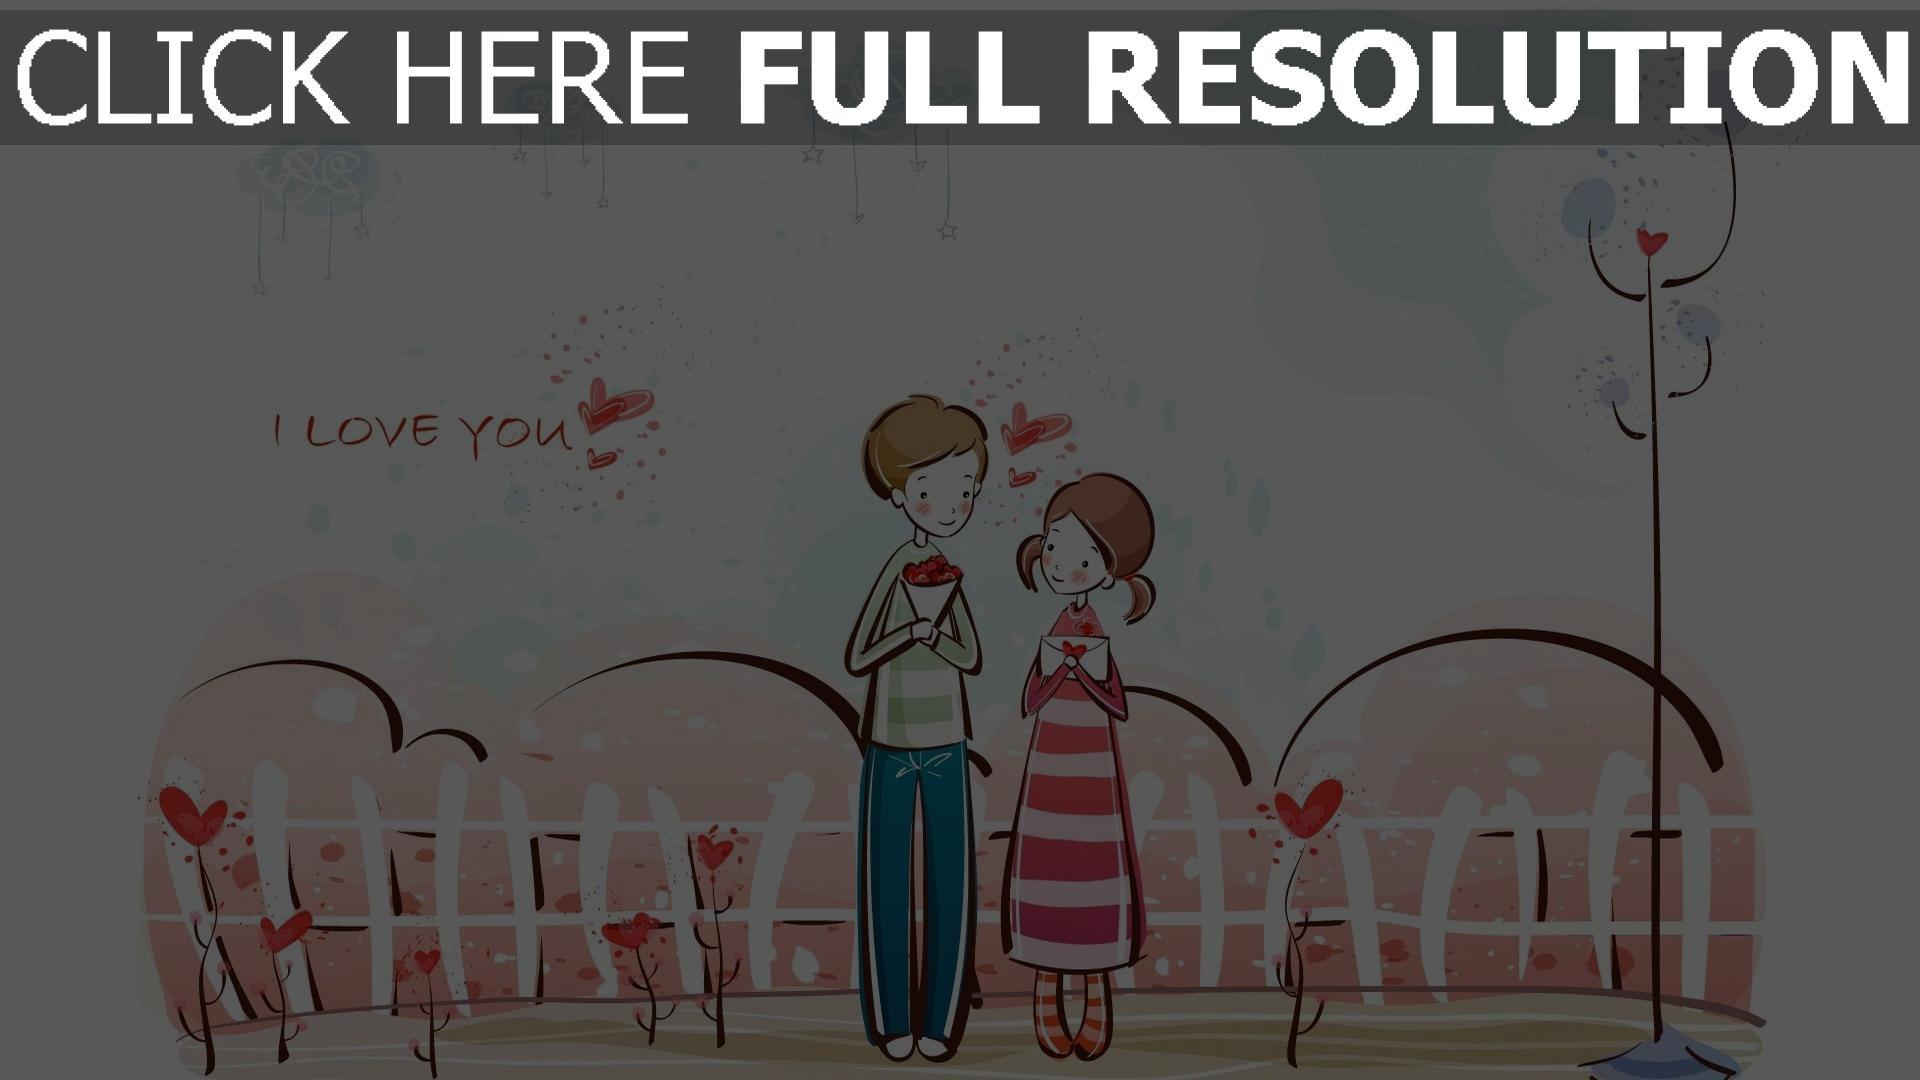 Hd Hintergrundbilder Paar Romantisch Valentinstag Bouquet Brief Glückwunsch  1920x1080